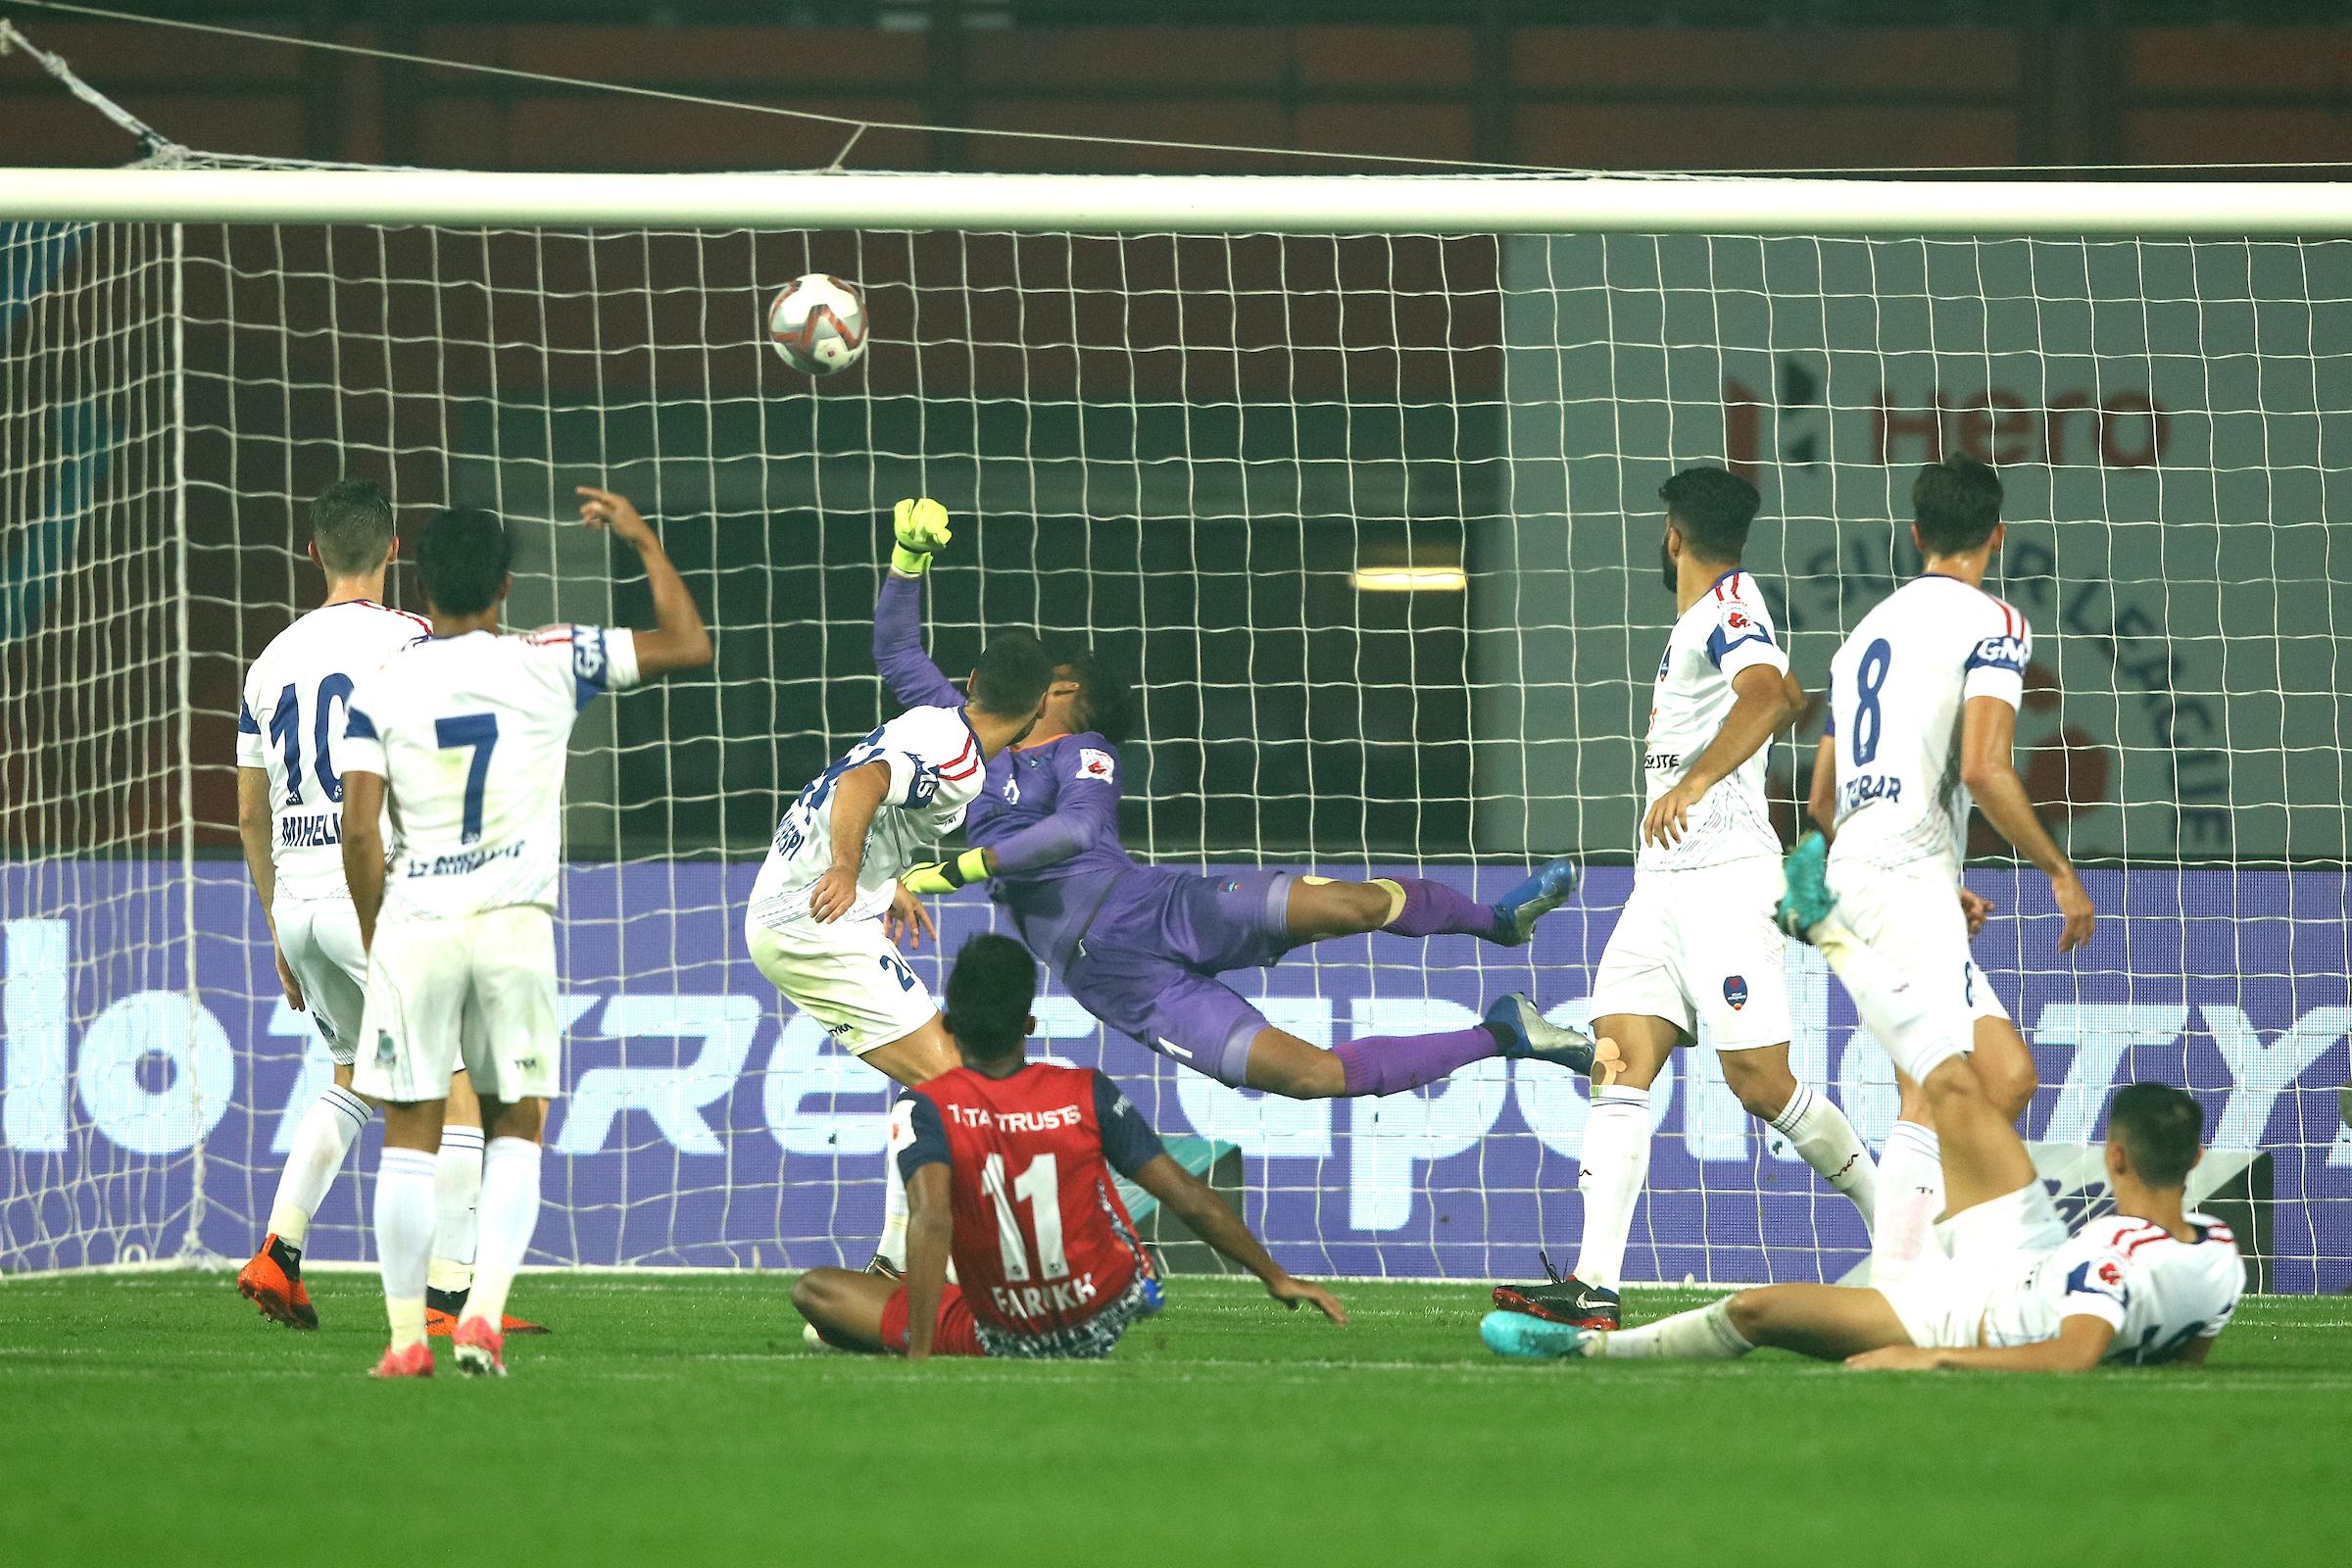 Choudhary Goal Jamshedpur Delhi ISL